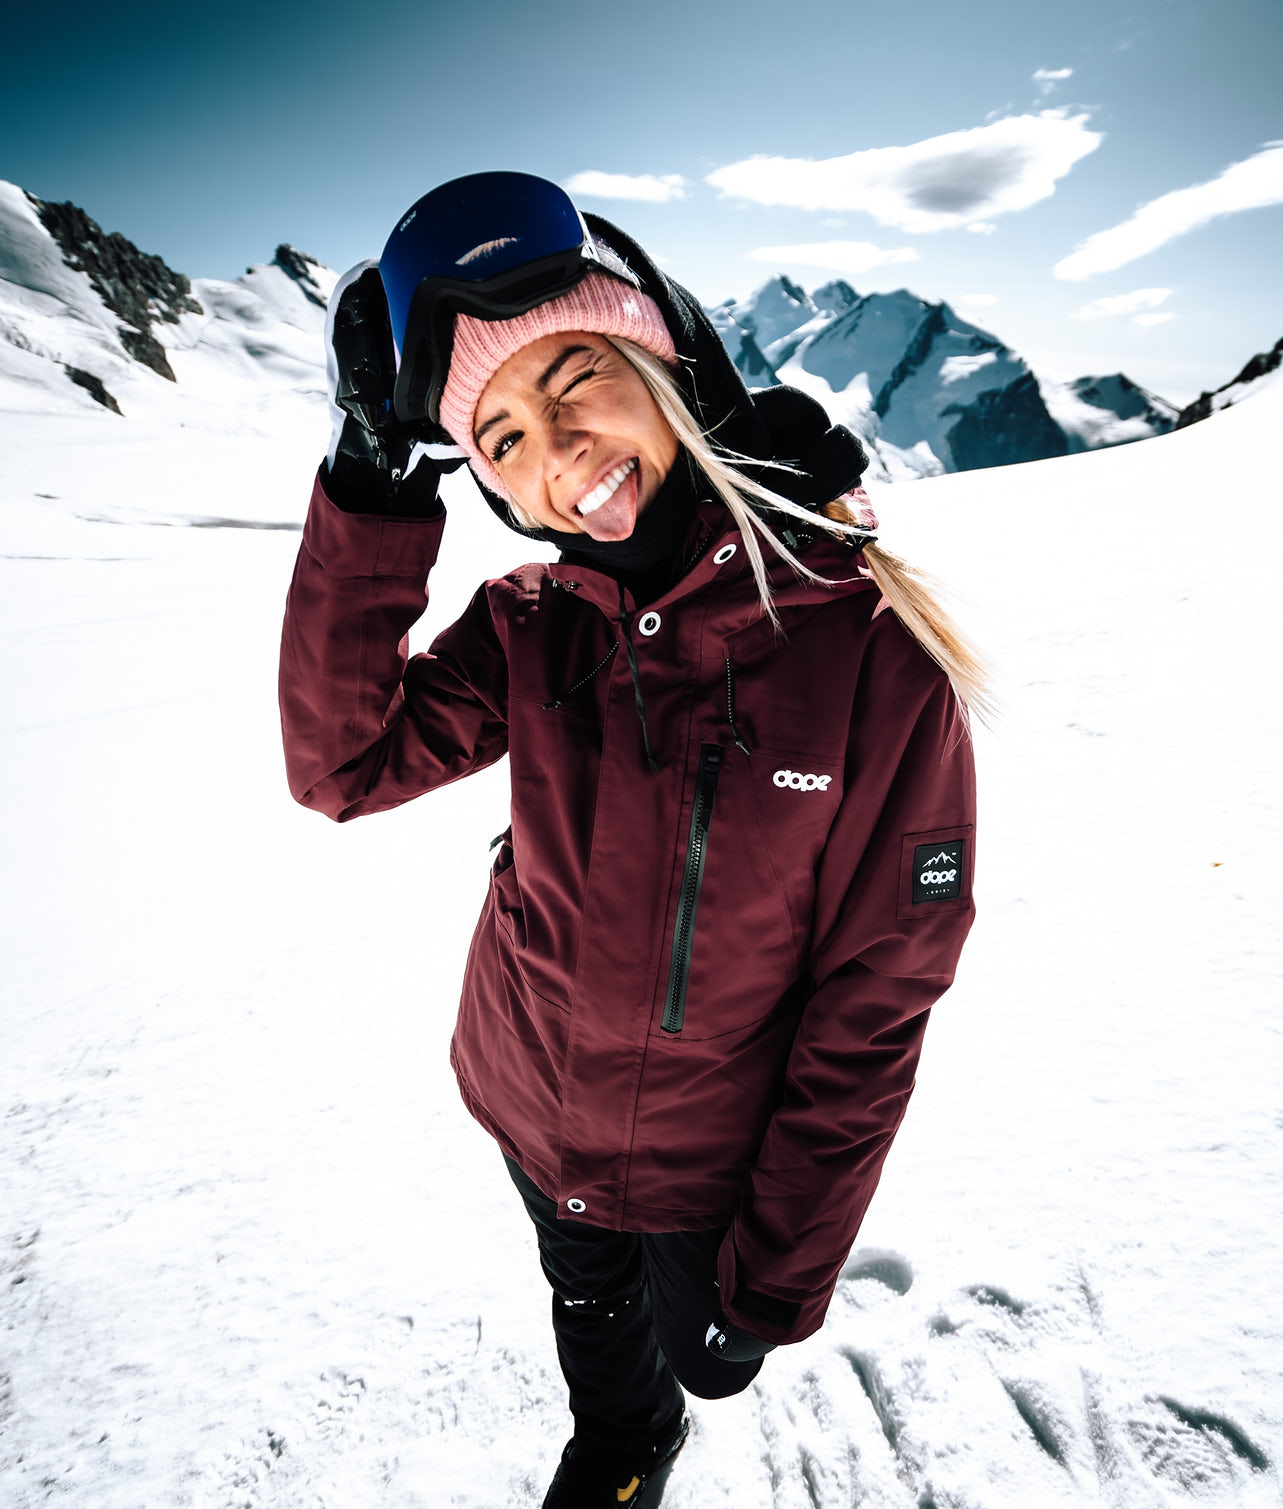 Divine | Achète des Veste de Snowboard de chez Dope sur Ridestore.fr | Bien-sûr, les frais de ports sont offerts et les retours gratuits pendant 30 jours !